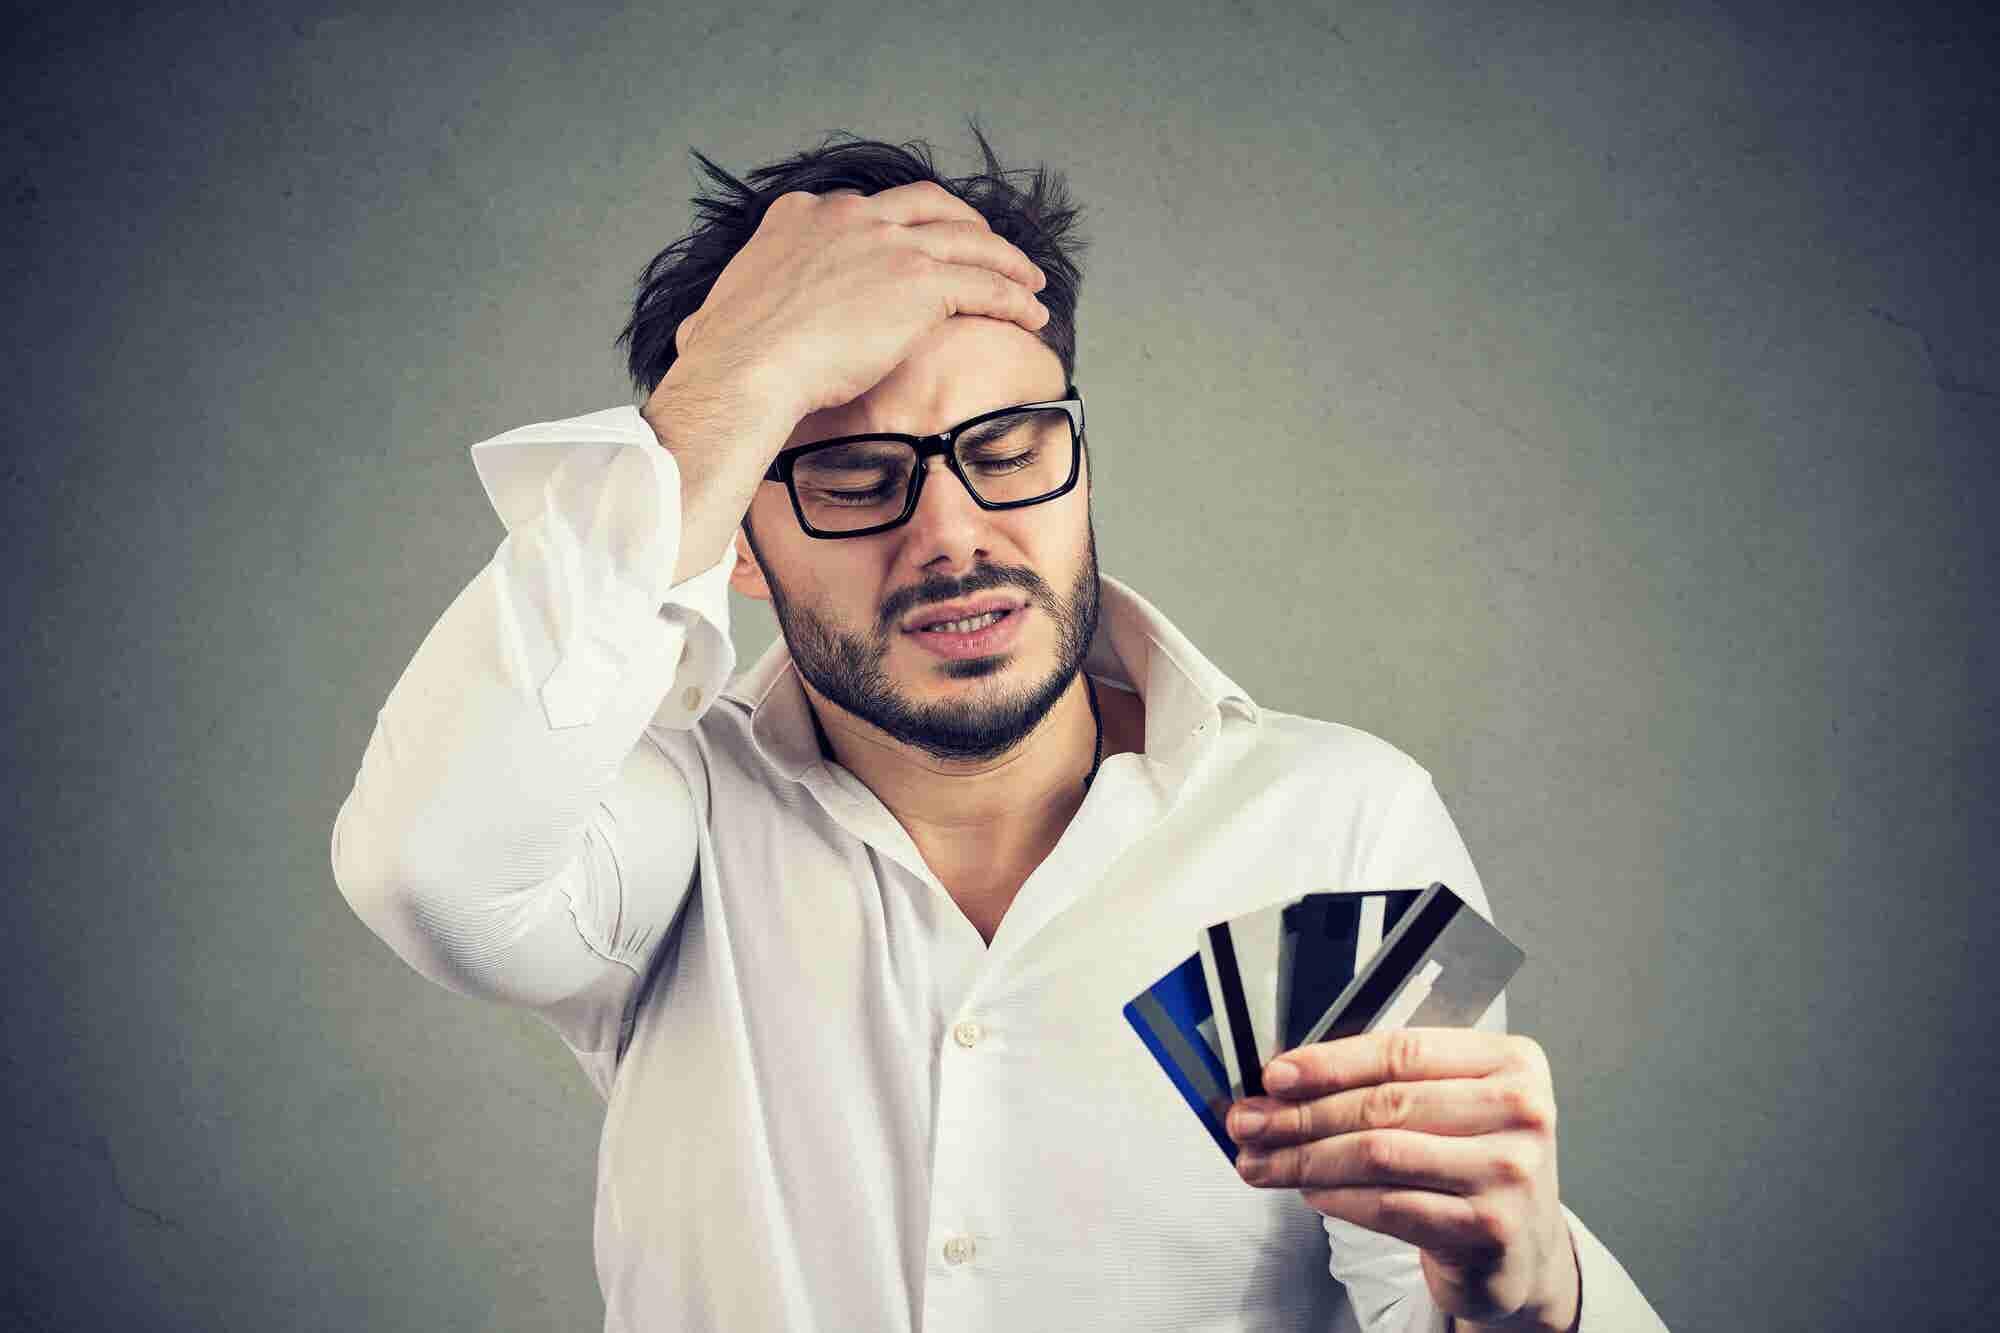 La deuda como aliada: Manual para emprendedores